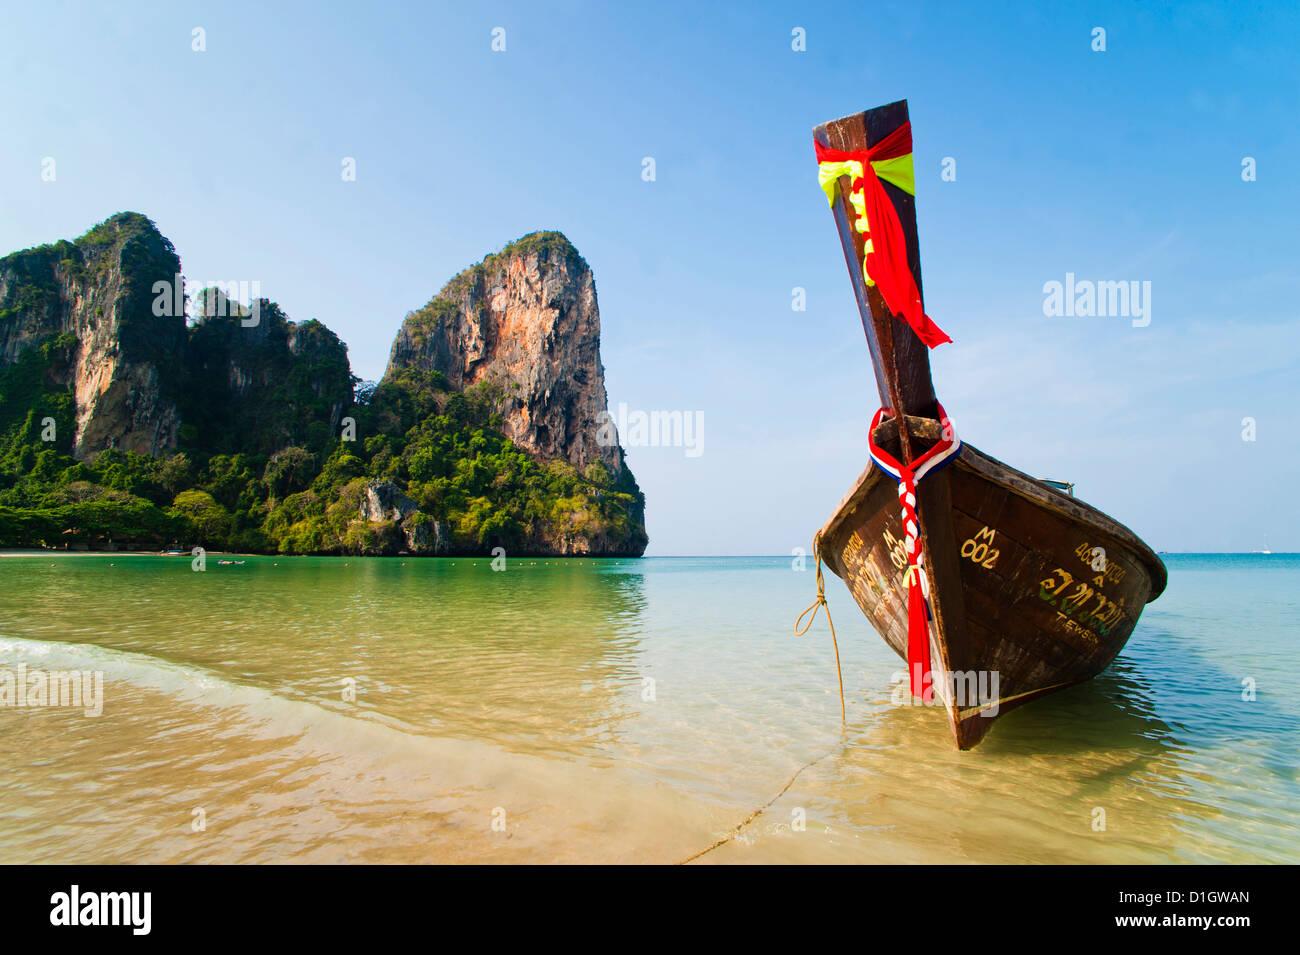 Lange Rute Boot auf Koh Phi Phi, Süd-Thailand, Südostasien, Asien Stockbild